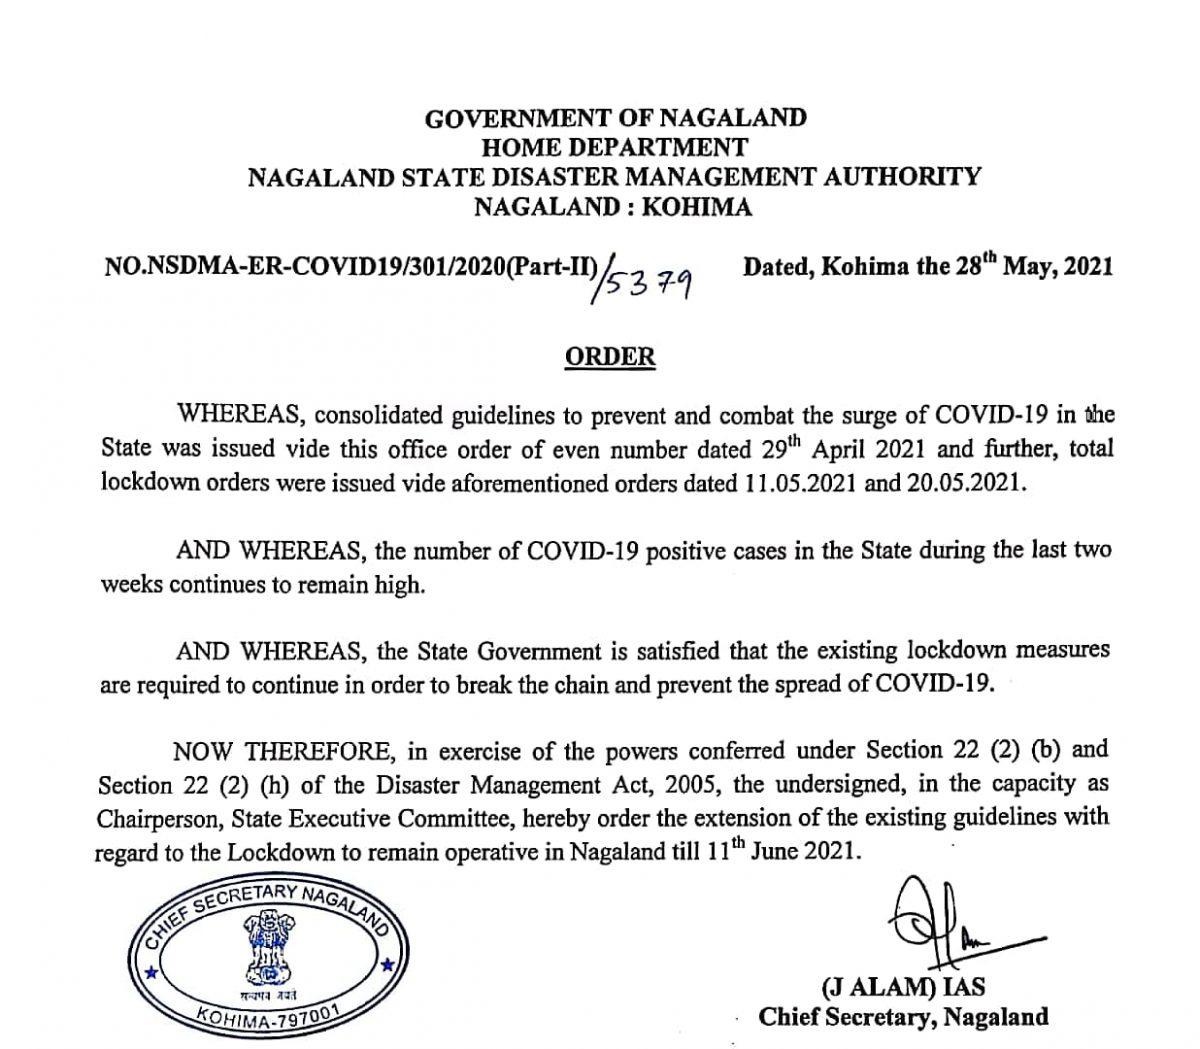 Lockdown extended in Nagaland till June 11 5